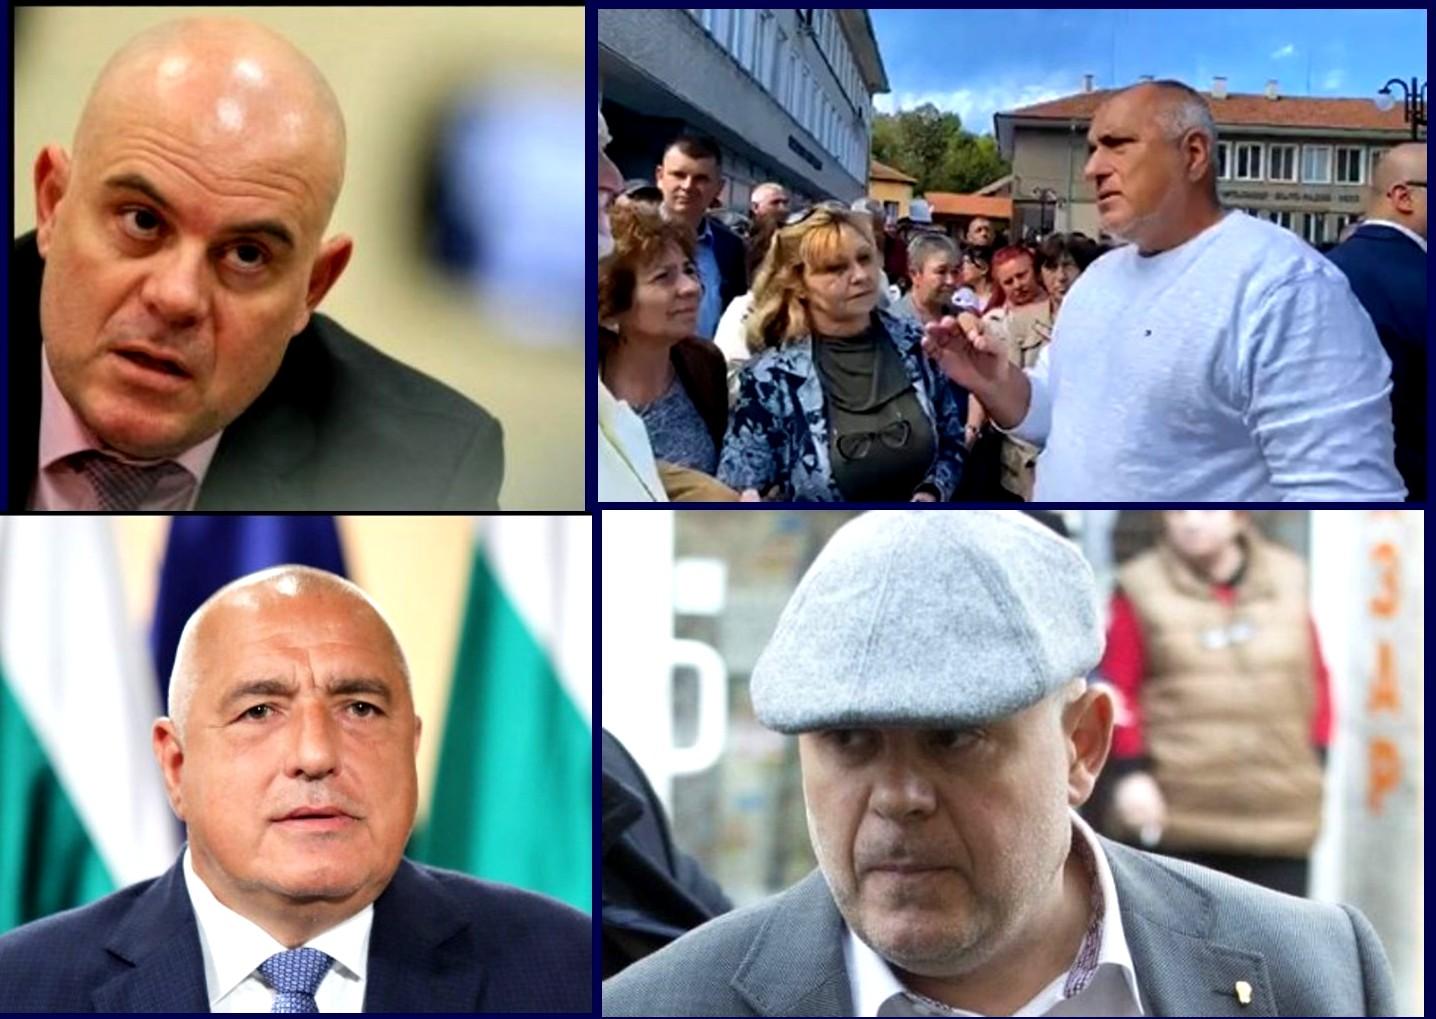 Премиерът Борисов се страхува от главния прокурор Иван Гешев. За това му сложи негов гавазин, да го контролира